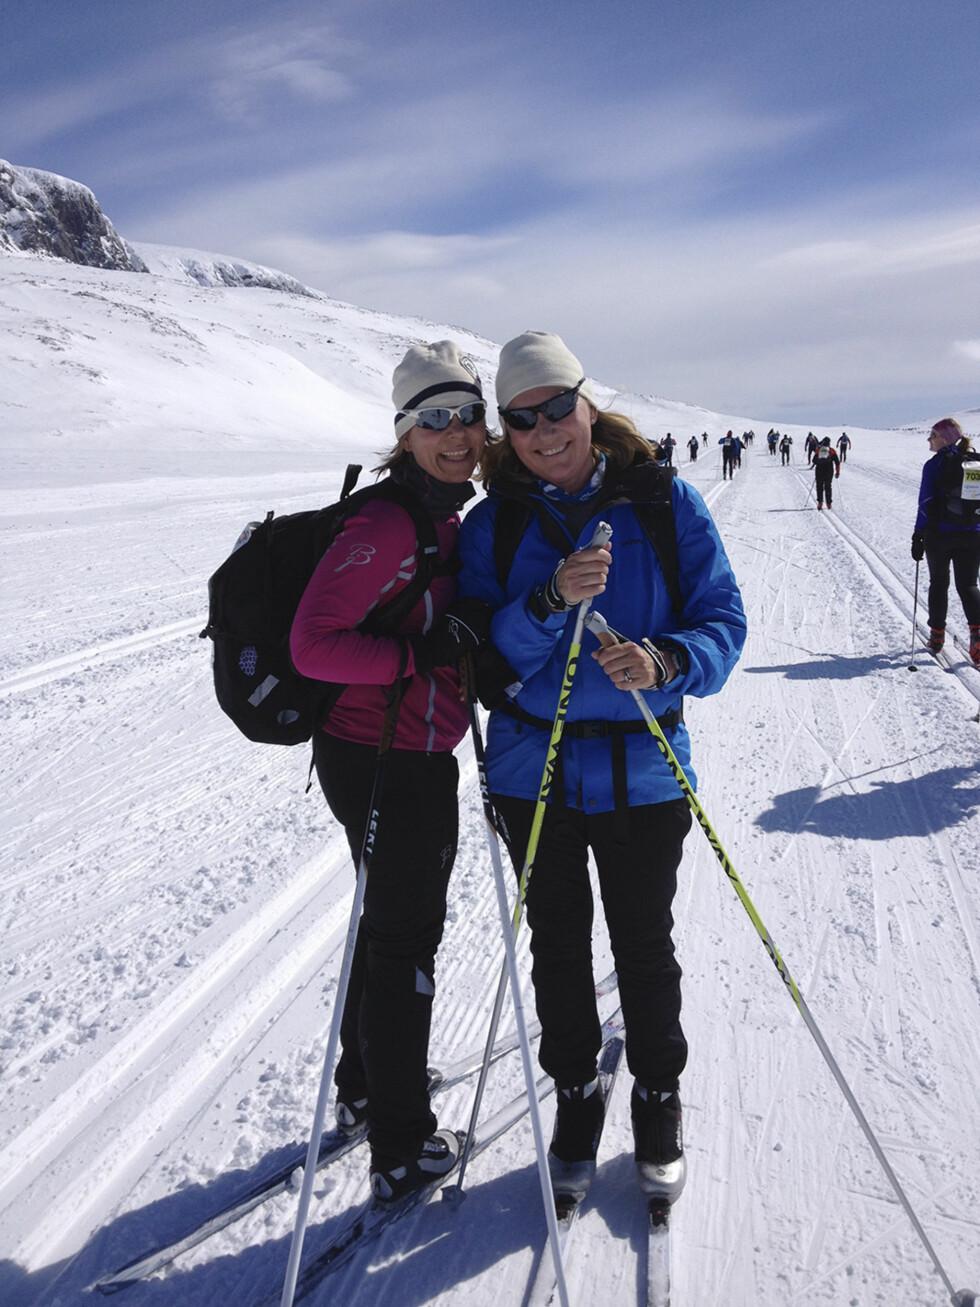 FRISK INNSATS: Skirennet Cecilie gikk sammen med gode venninner, bare få måneder etter at hun hadde fått lungekreftdiagnosen, ble en fin opplevelse.  Foto: Privat